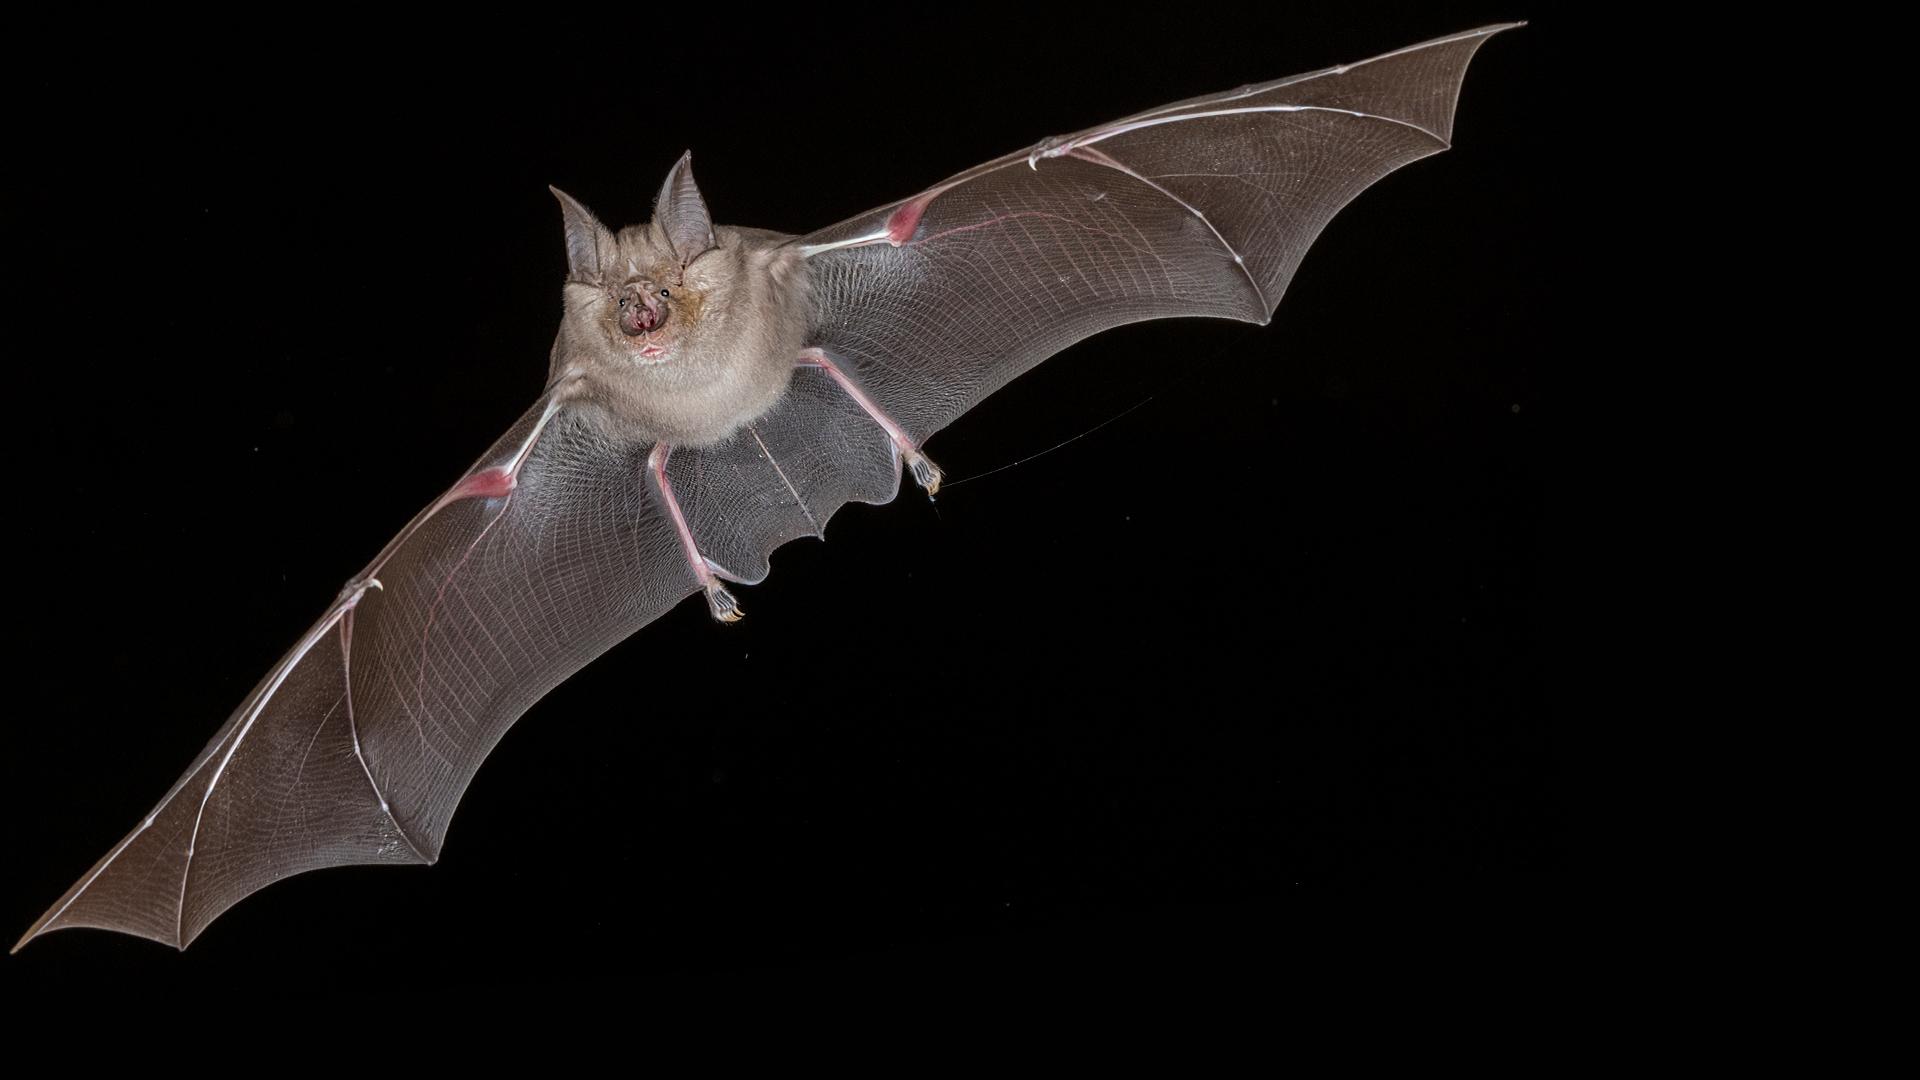 Bat Superpowers